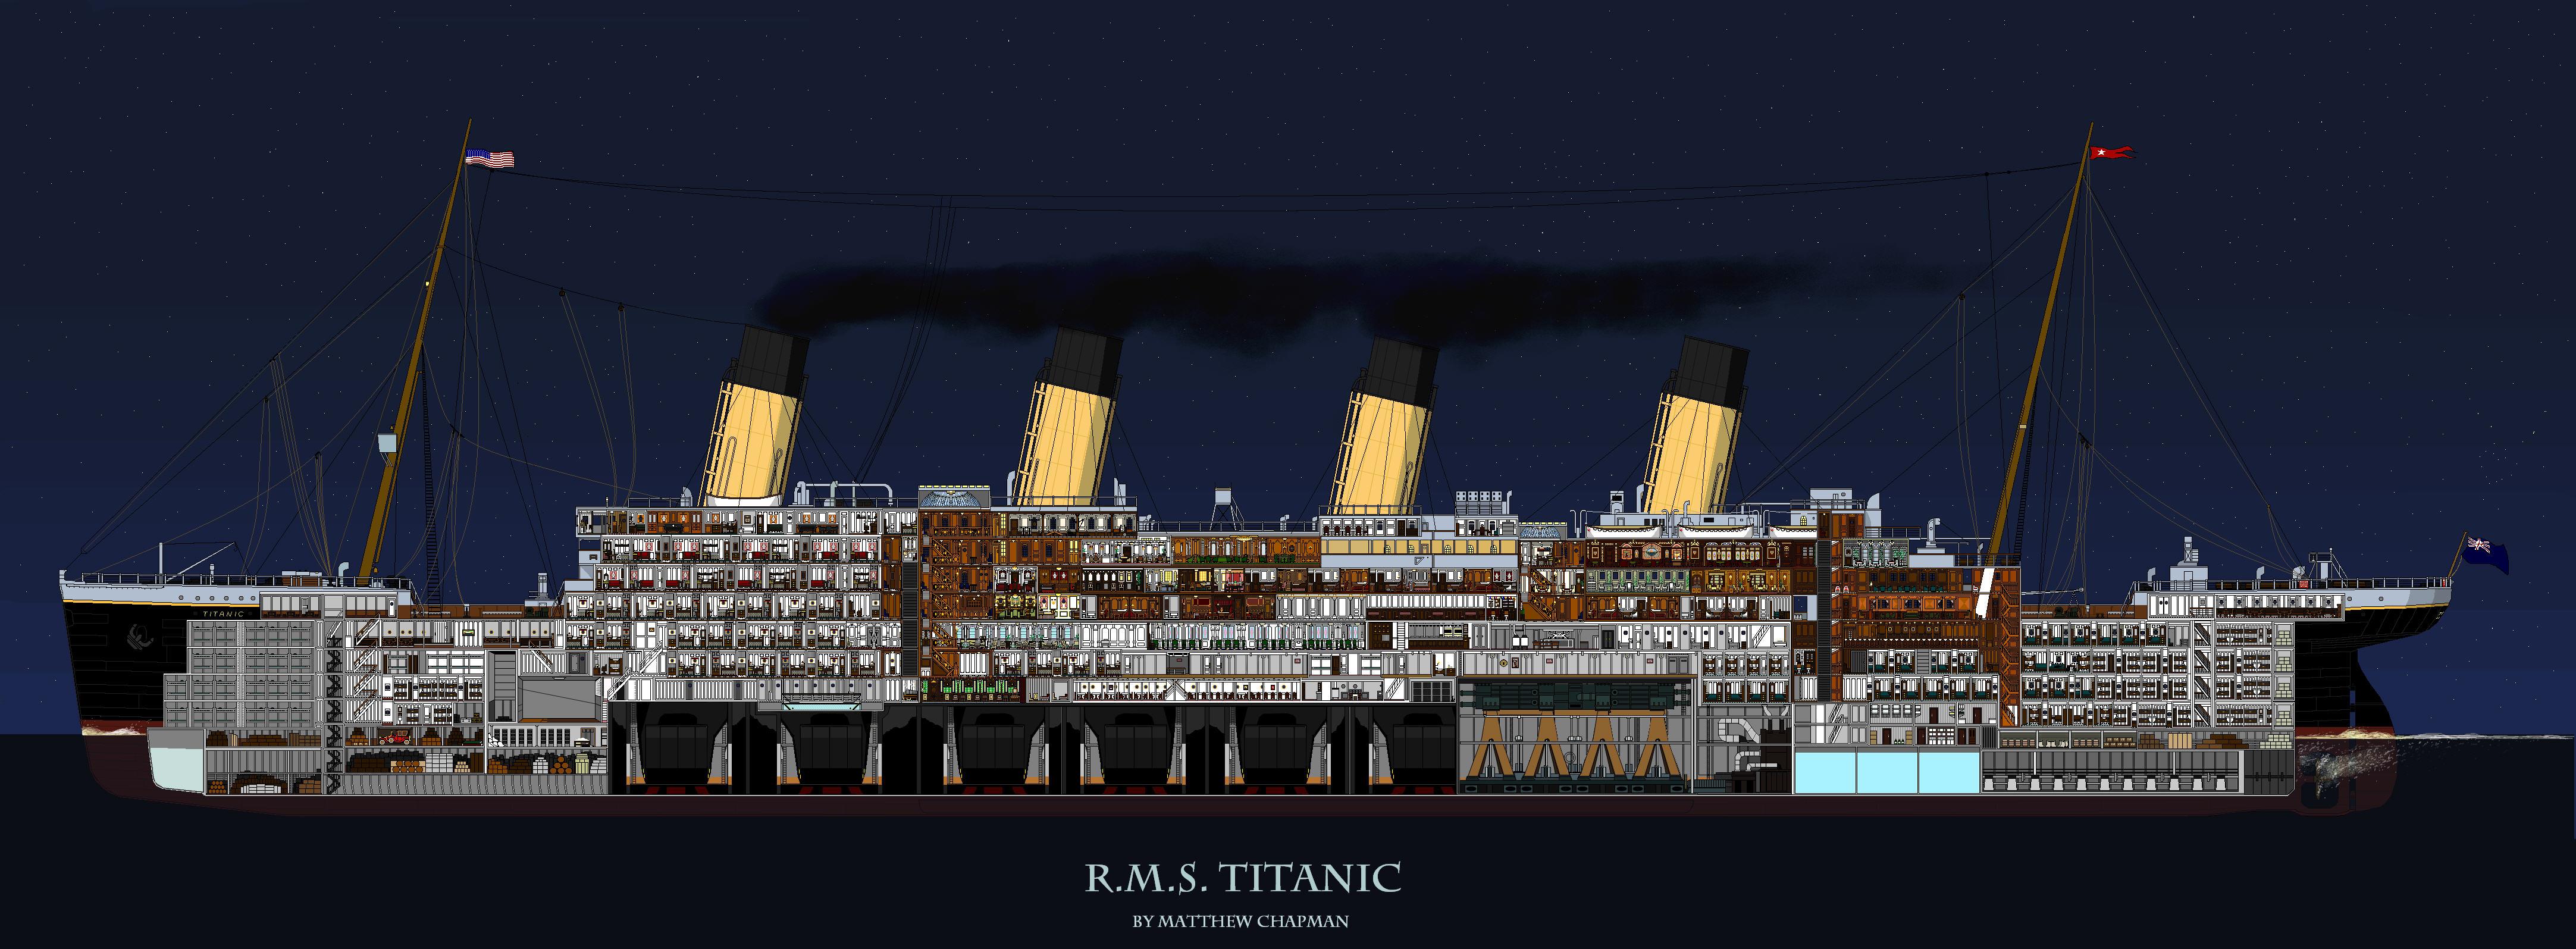 Titanic survivors approach rescue ship RMS Carpathia